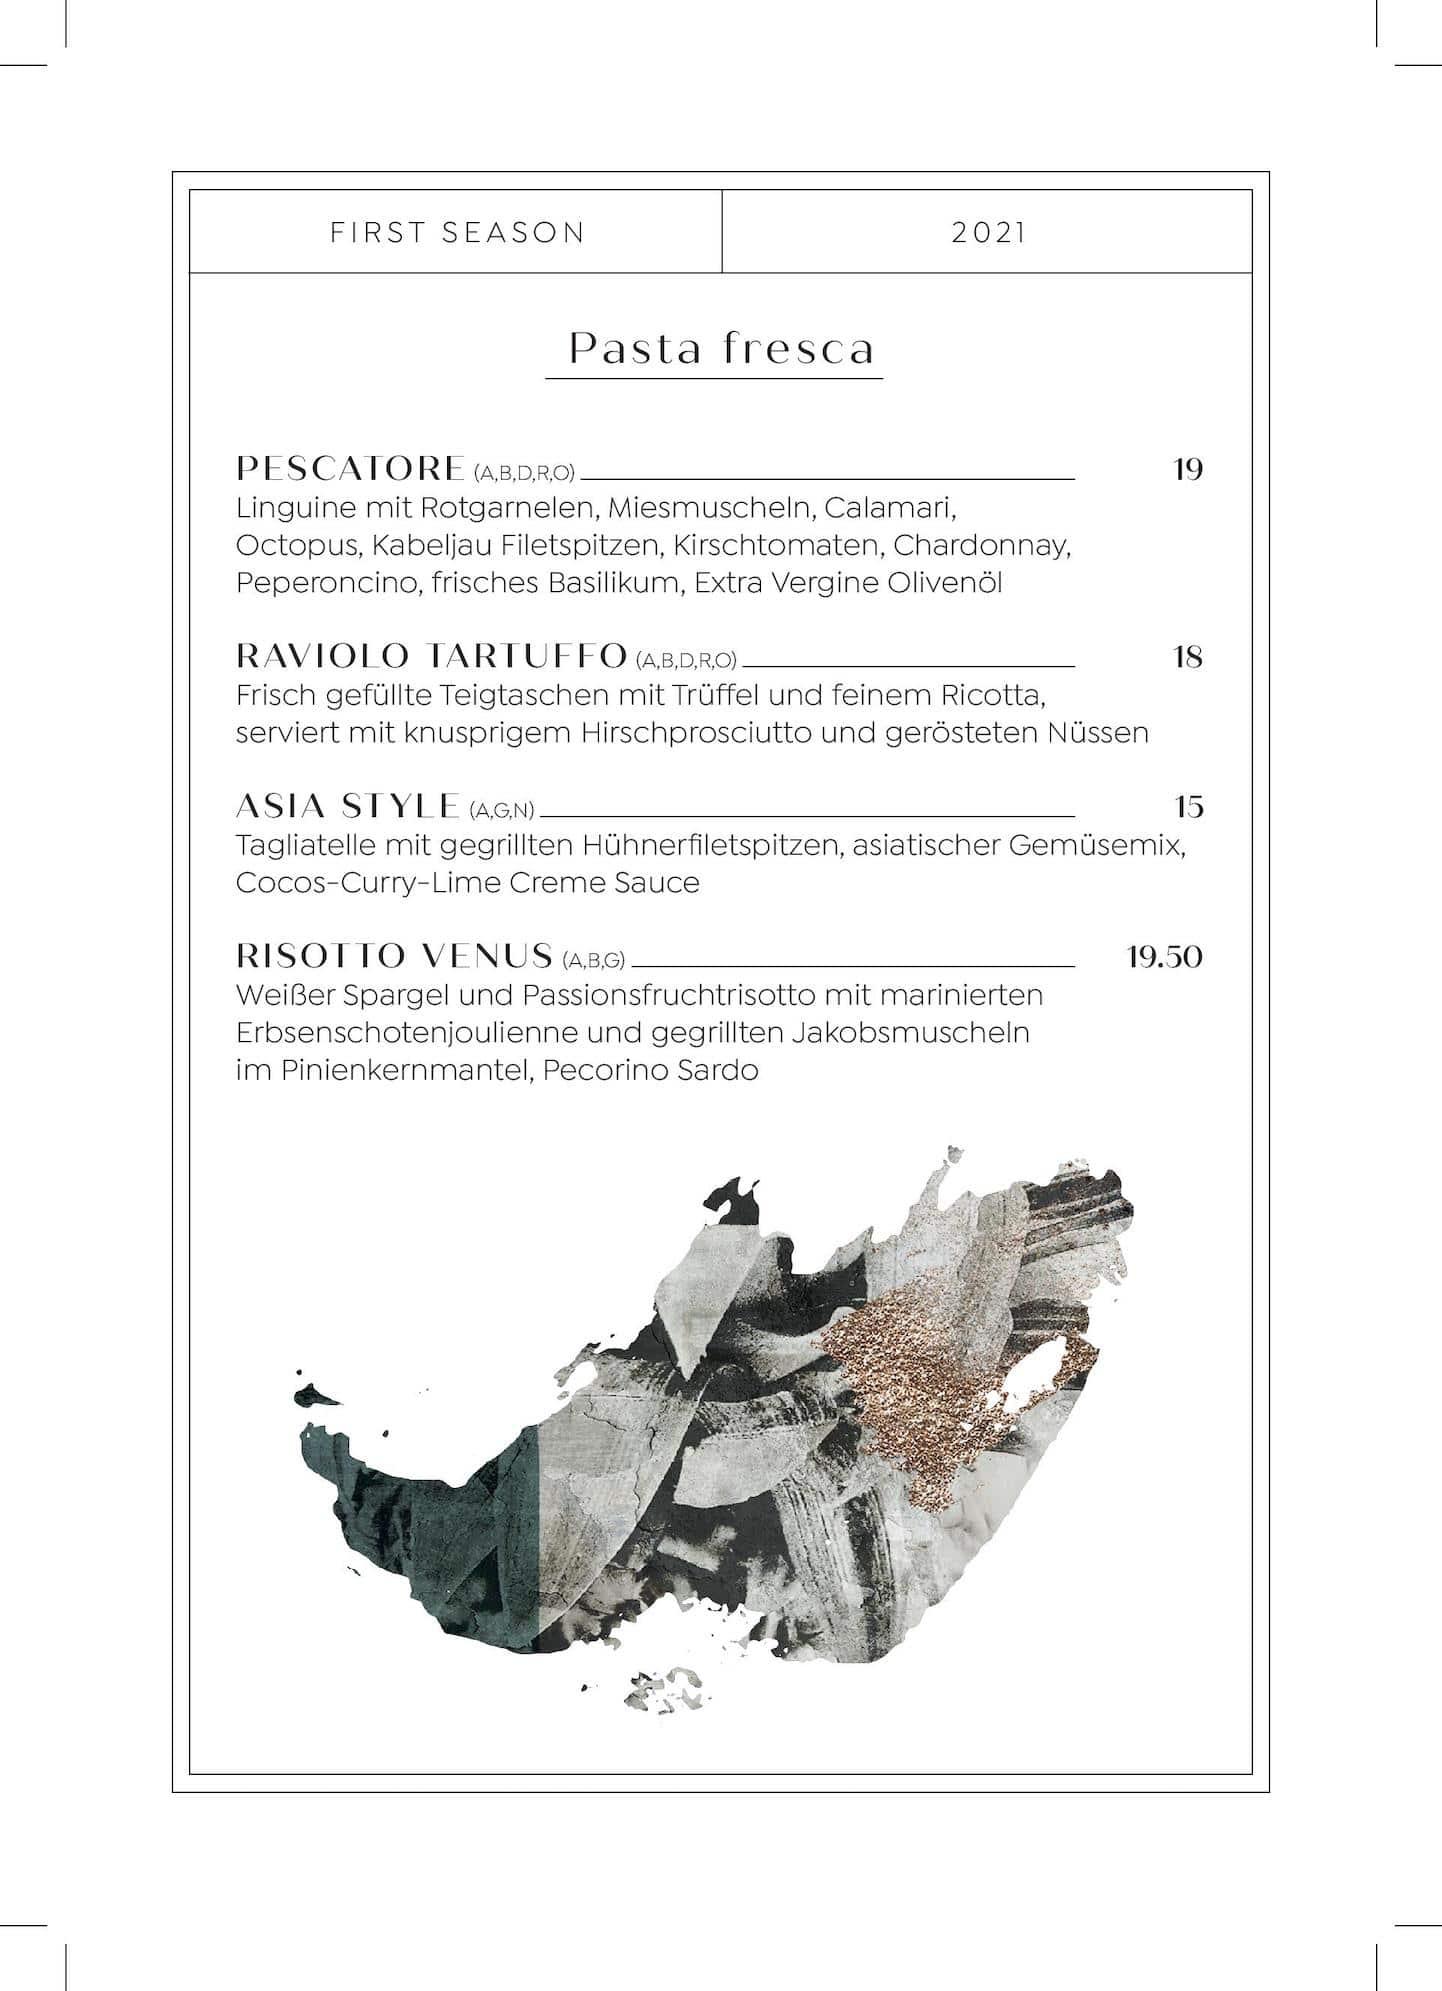 DaRose_menu_roviditettPrint-page-006